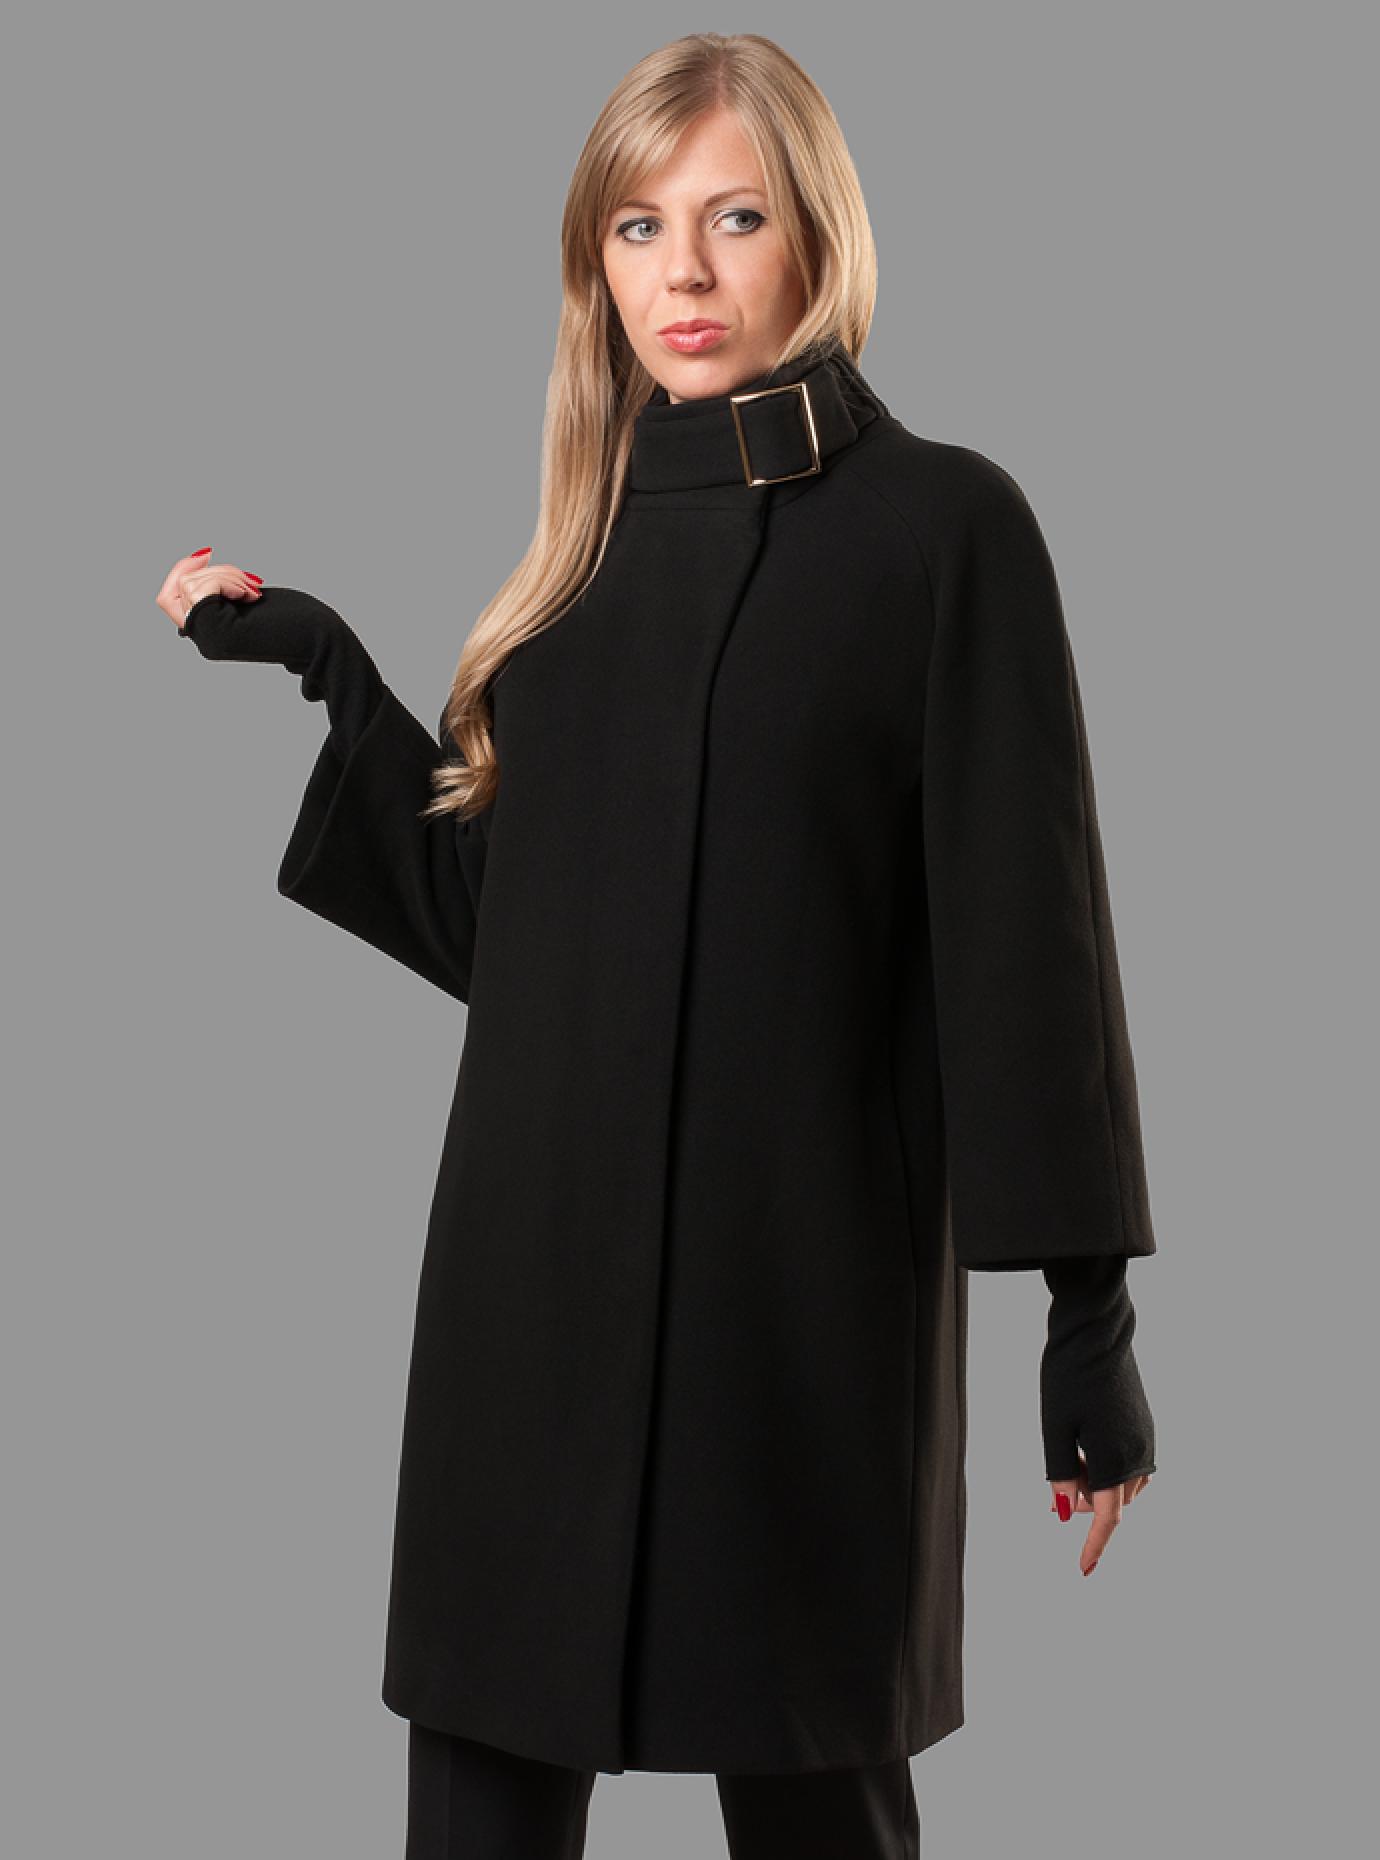 Пальто демисезонное длинное Чёрный S (07-P17056): фото - Alster.ua